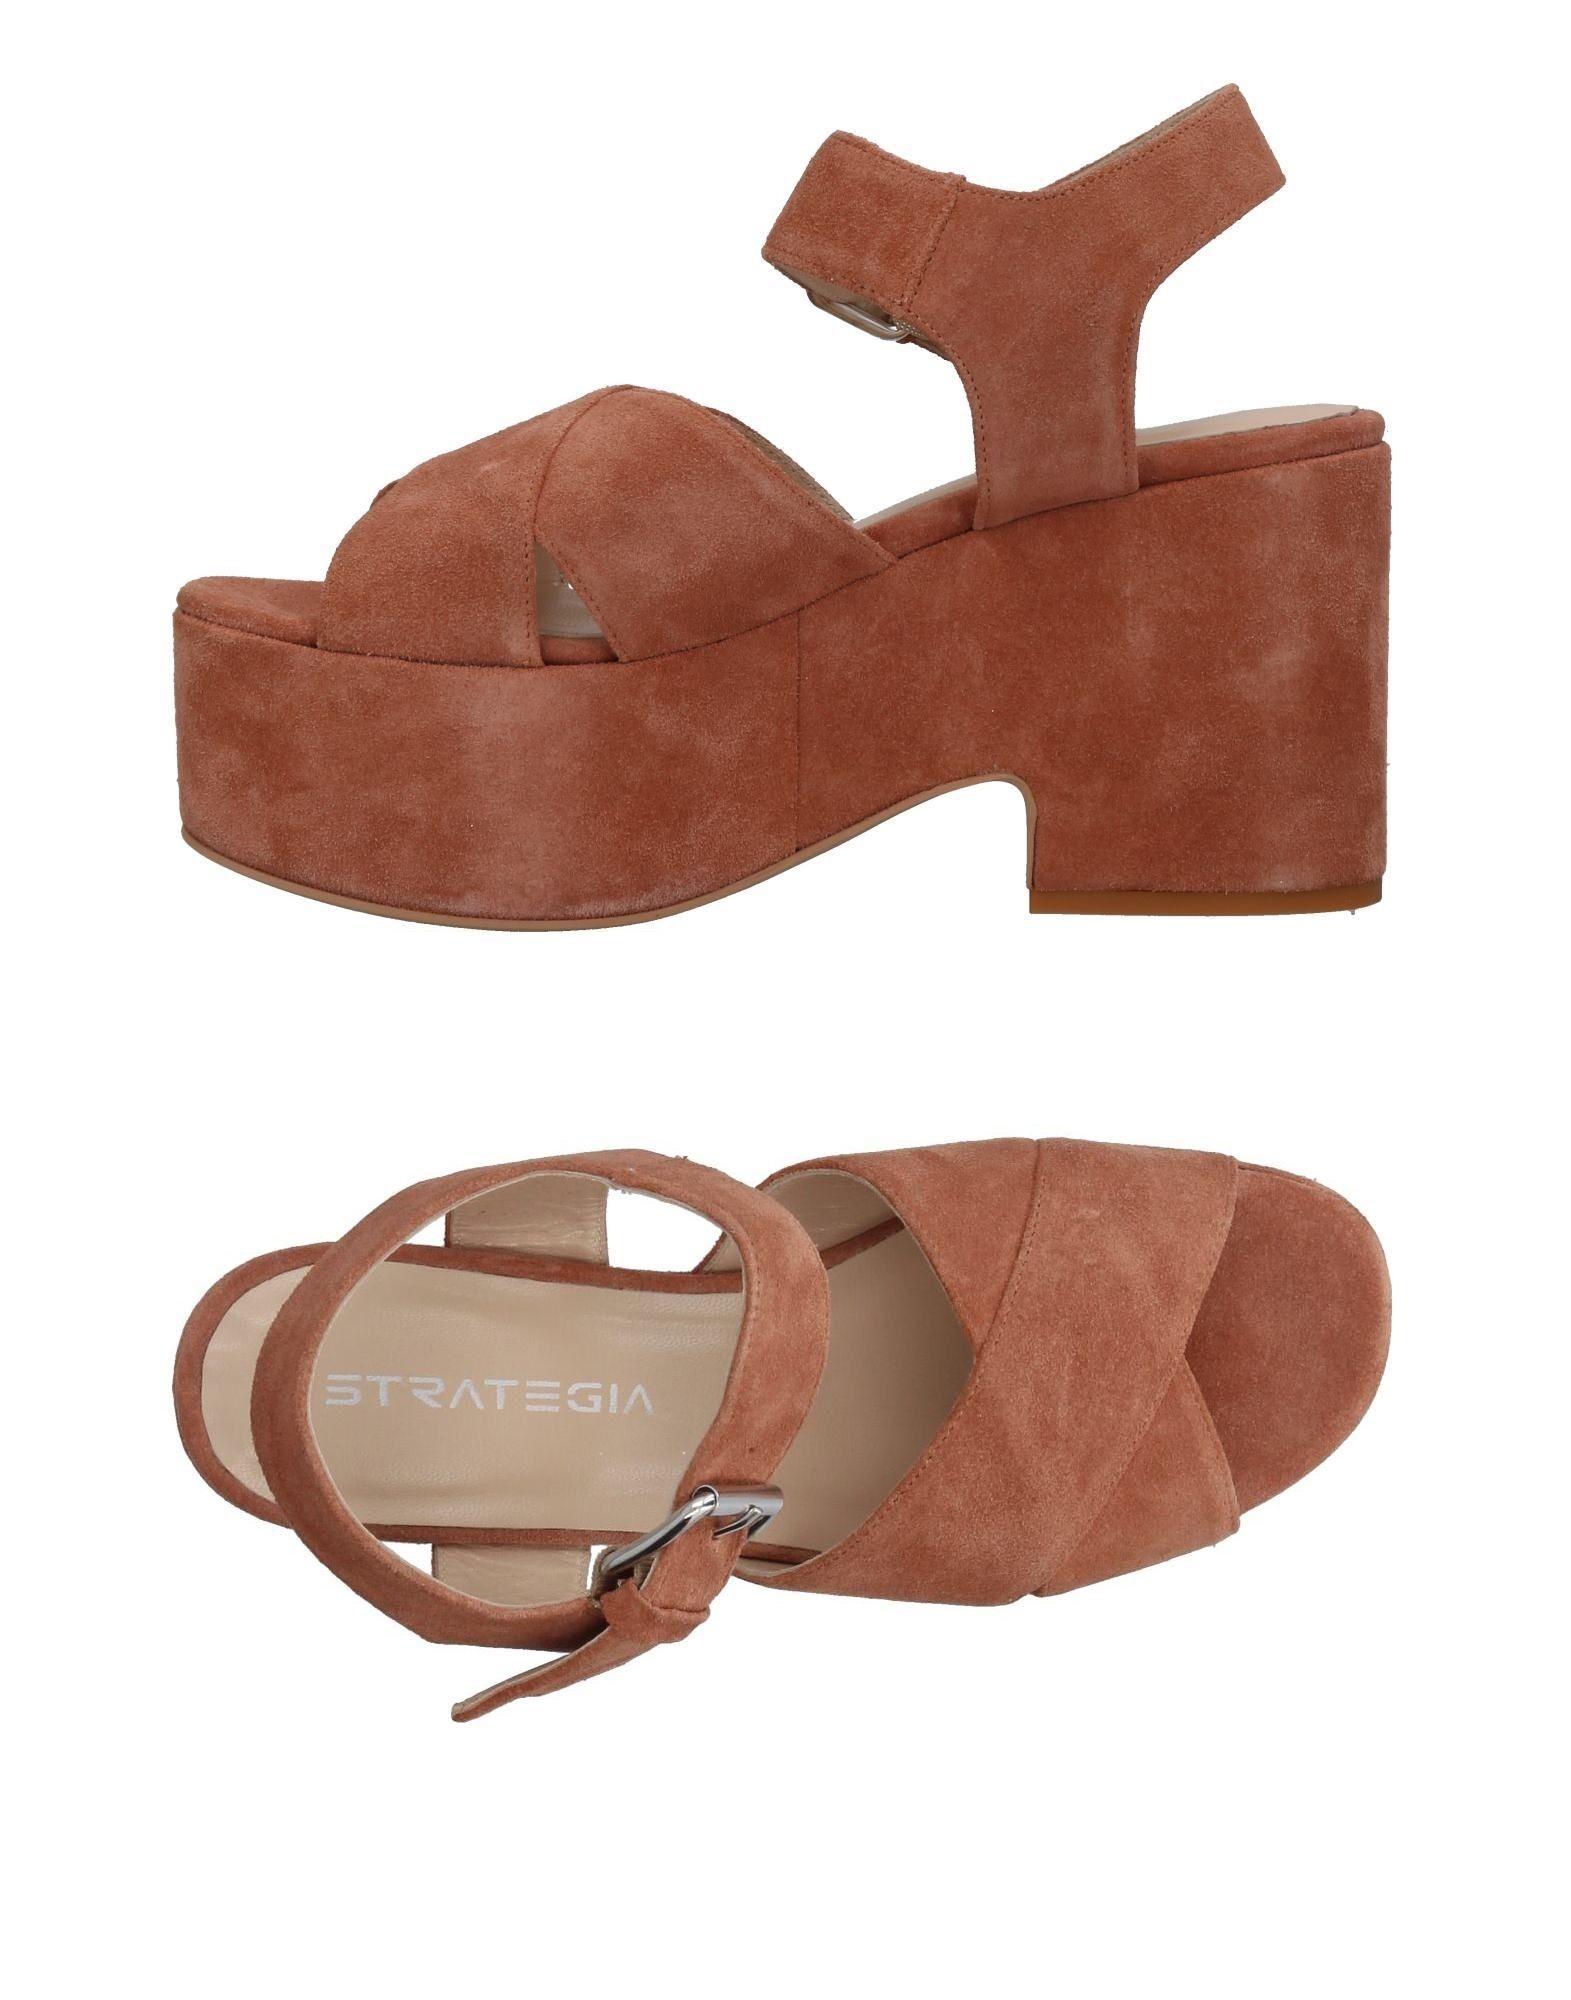 Strategia Sandalen Damen  11382025GK Gute Qualität beliebte Schuhe